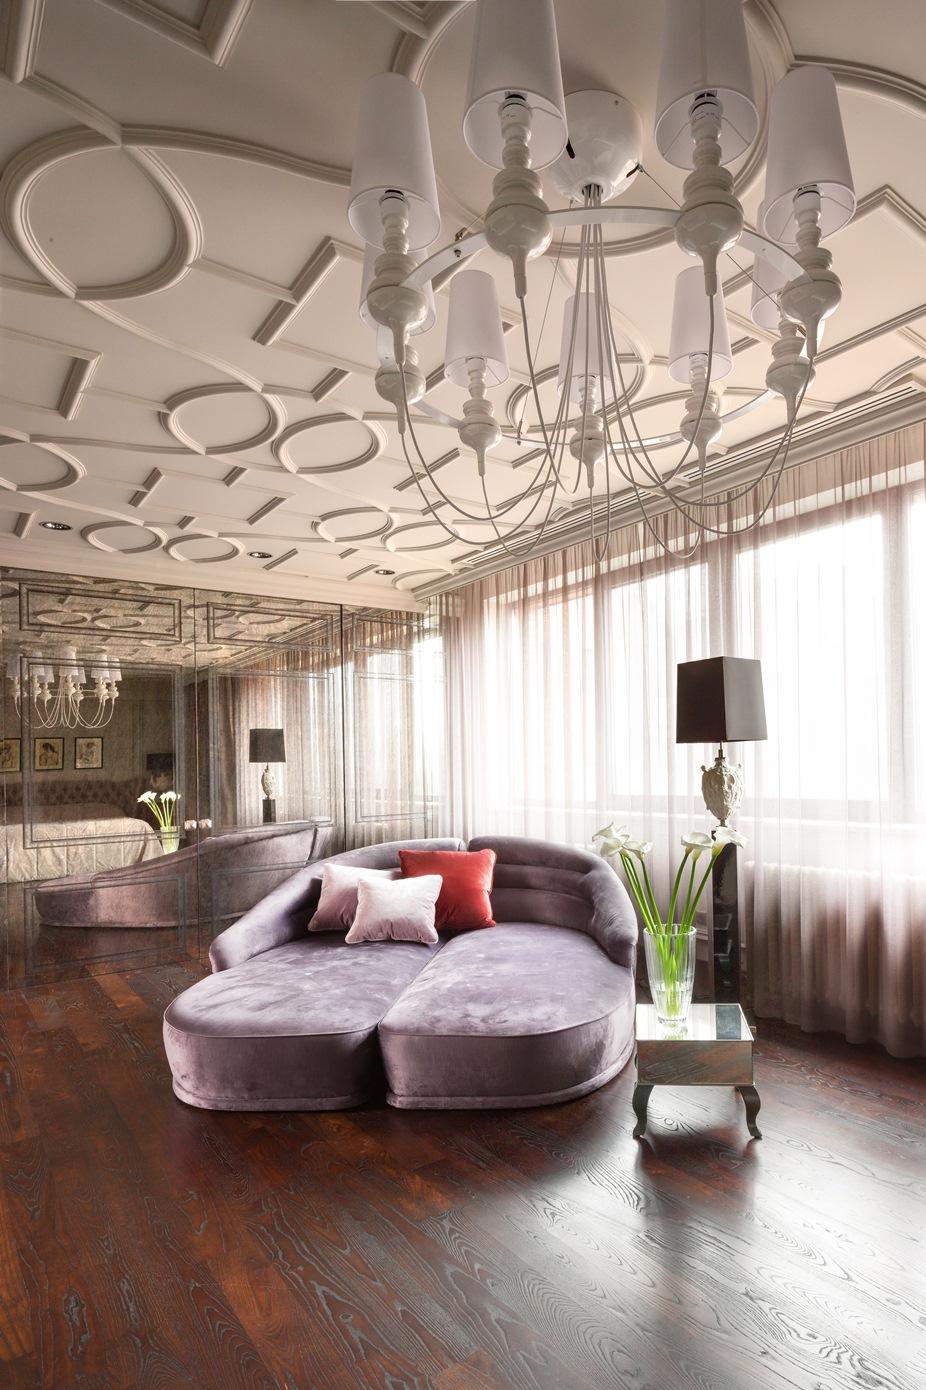 غرفة النوم الرئيسية 2 منزل فخم يجمع الديكور الكلاسيك والمودرن بشكل فني رائع